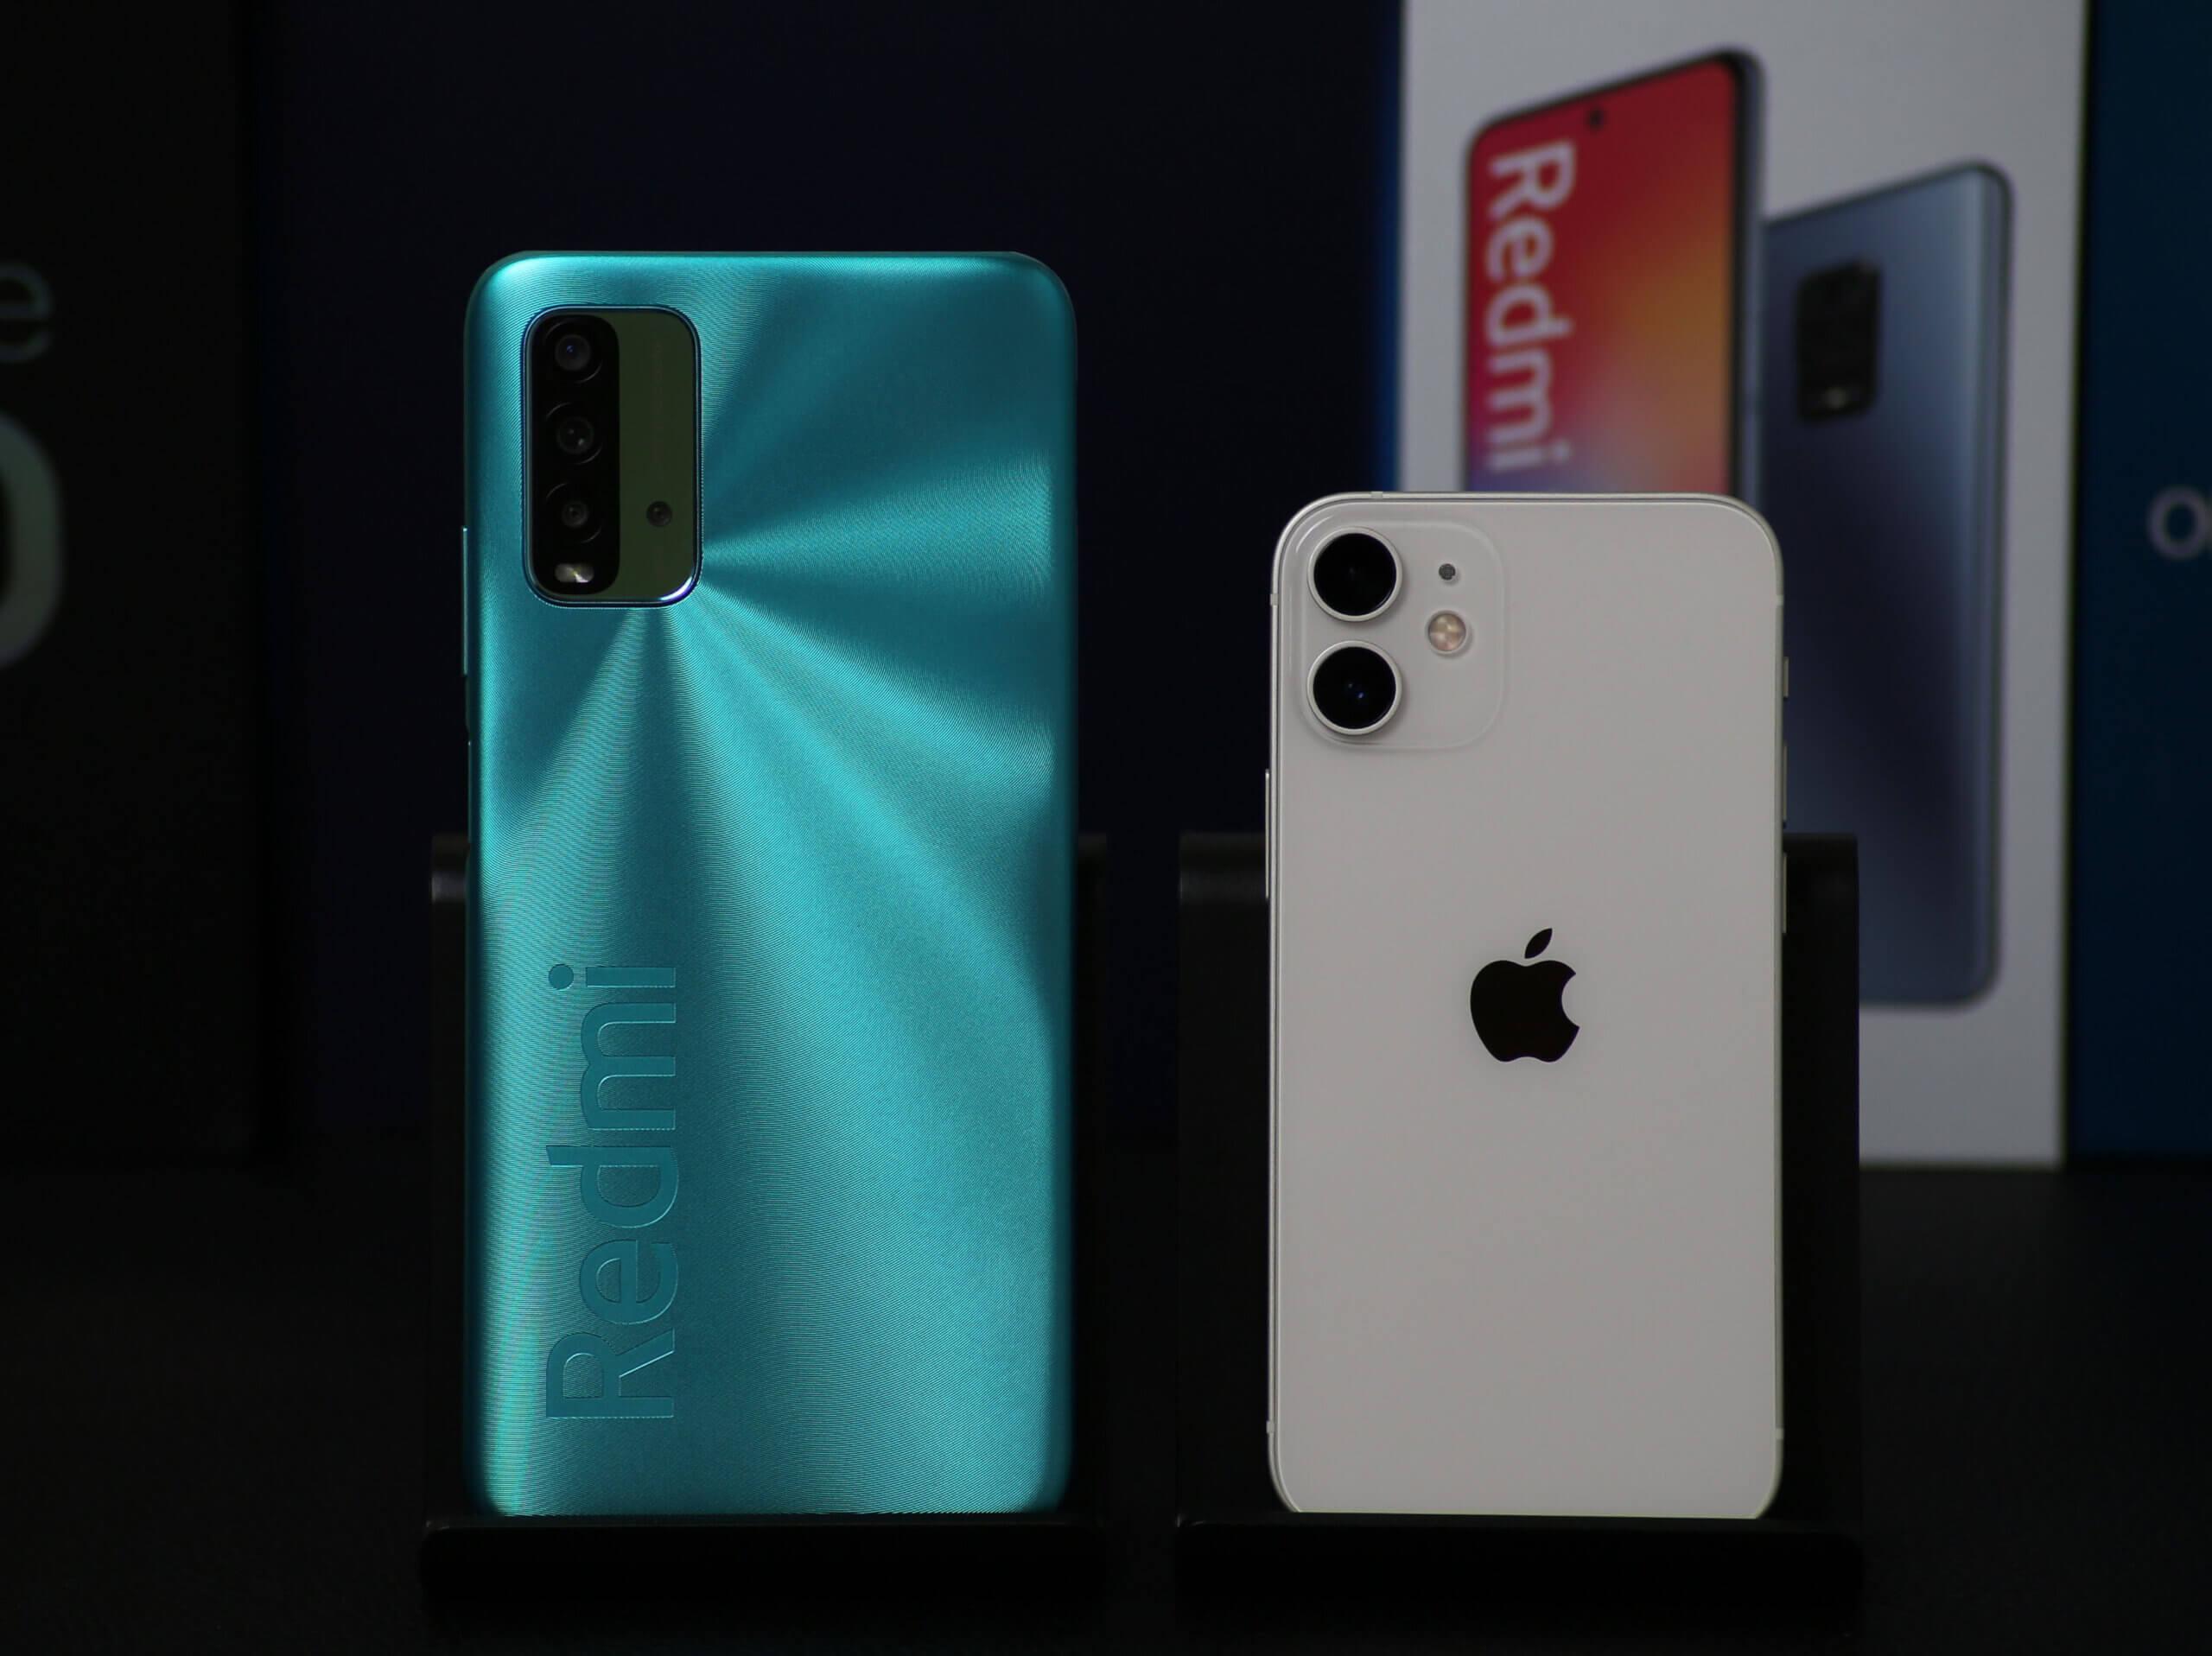 1万円台のRedmi 9Tと8万円台のiPhone 12 miniのカメラ画質比較